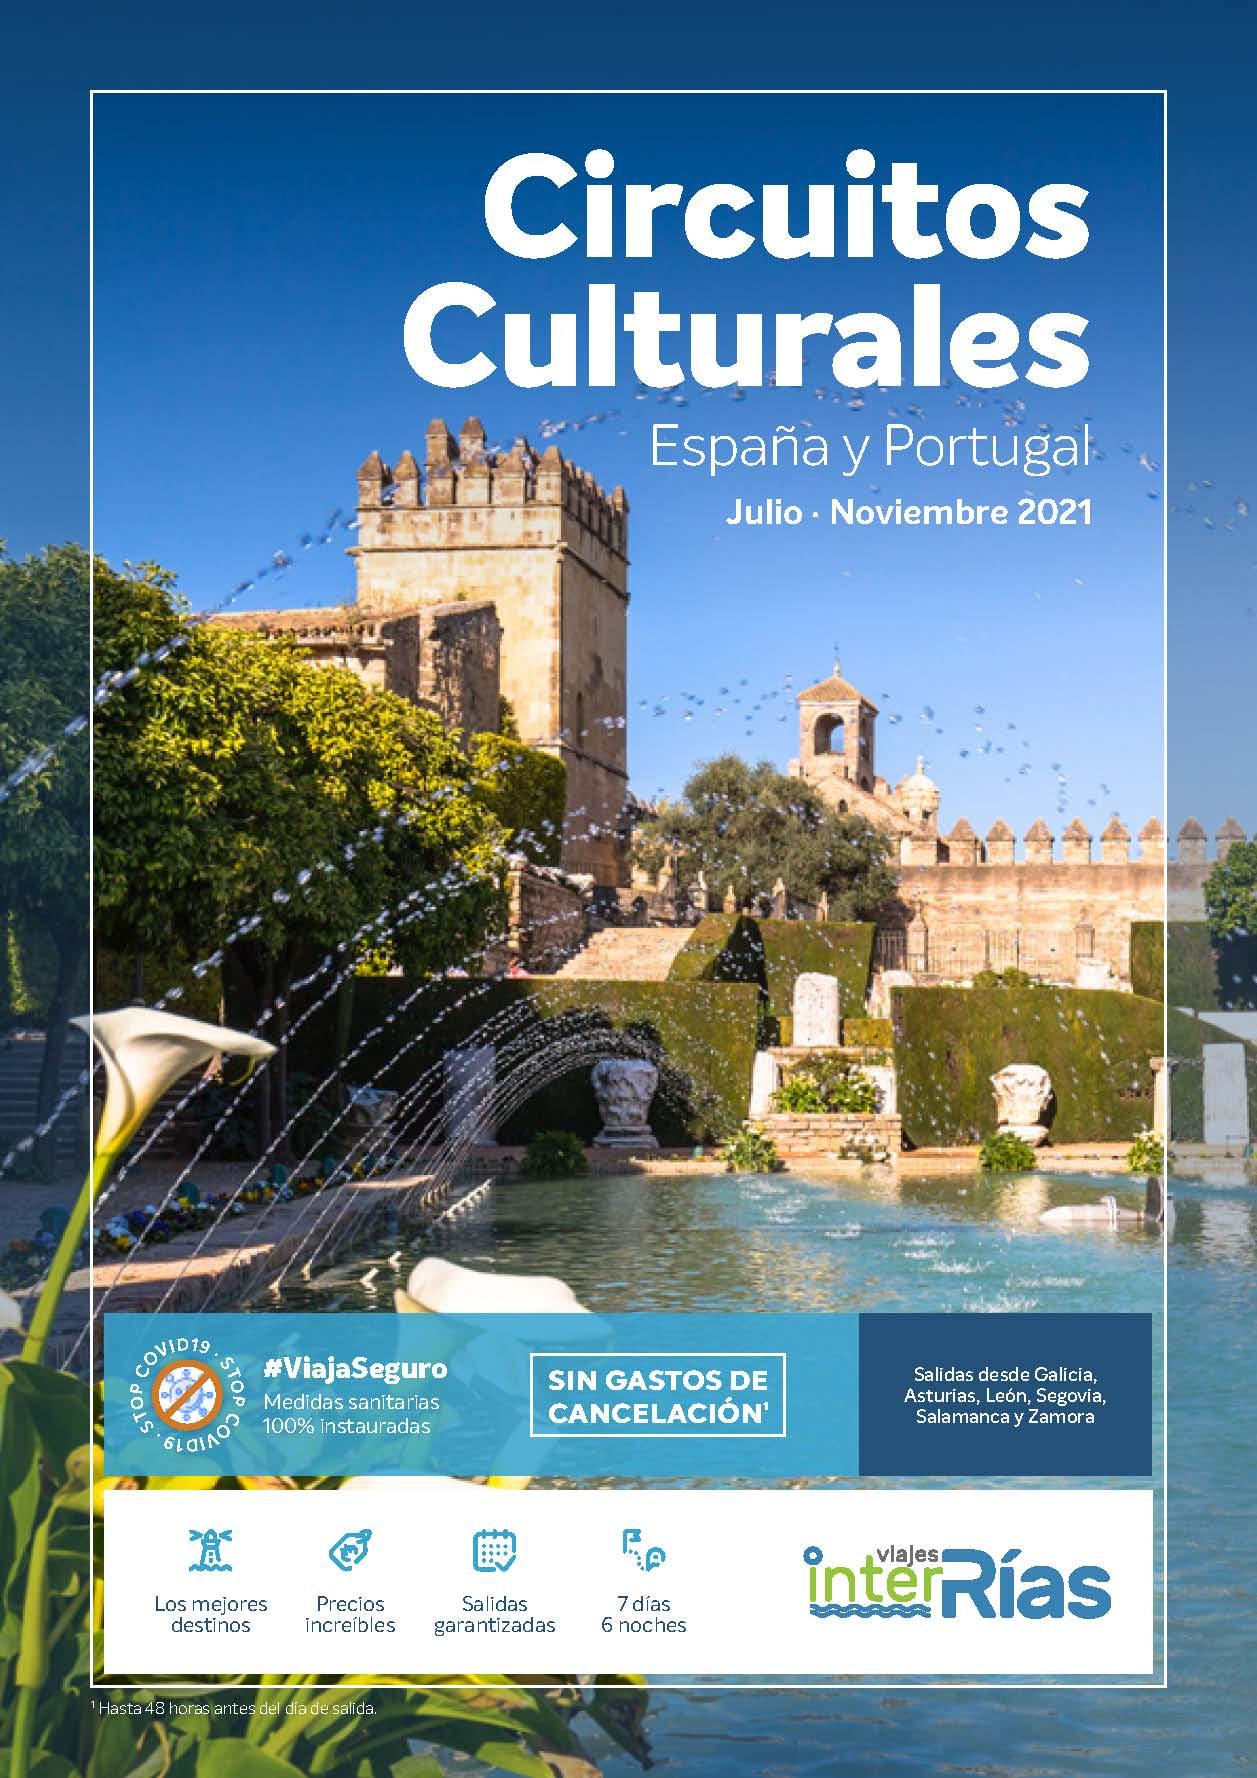 Catalogo Interrias Circuitos Culturales Espana y Portugal Julio a Noviembre 2021 salidas desde zona Noroeste